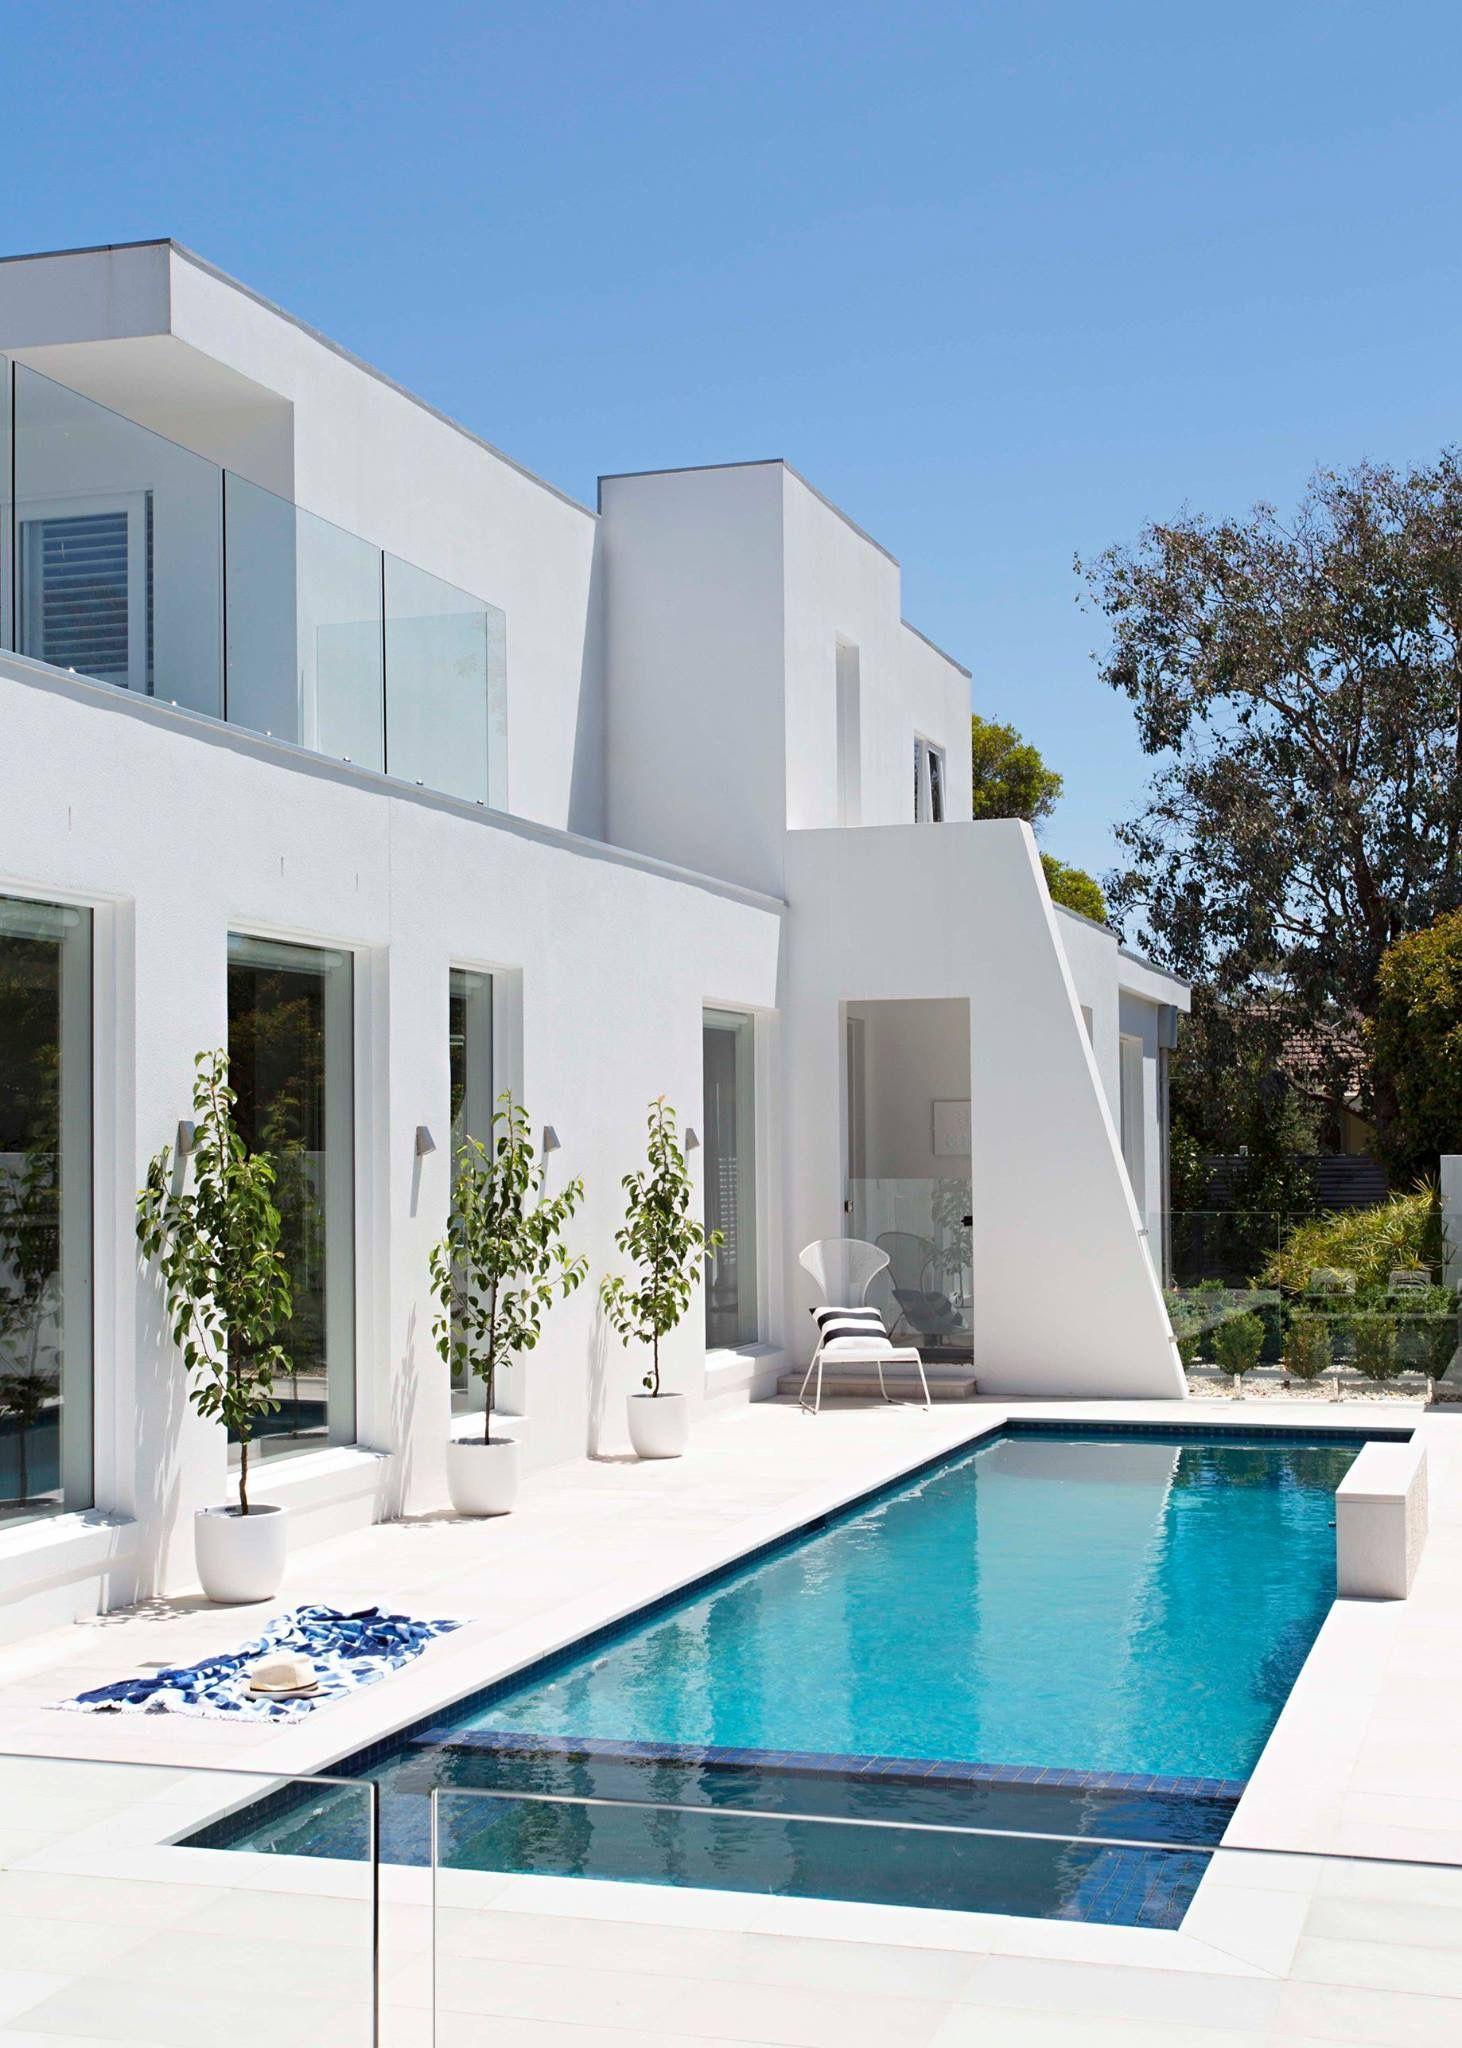 Pin De Rima Dahan Em Rear Space Planos De Casa Modernas Exterior De Casa Moderna Arquitetura De Casa